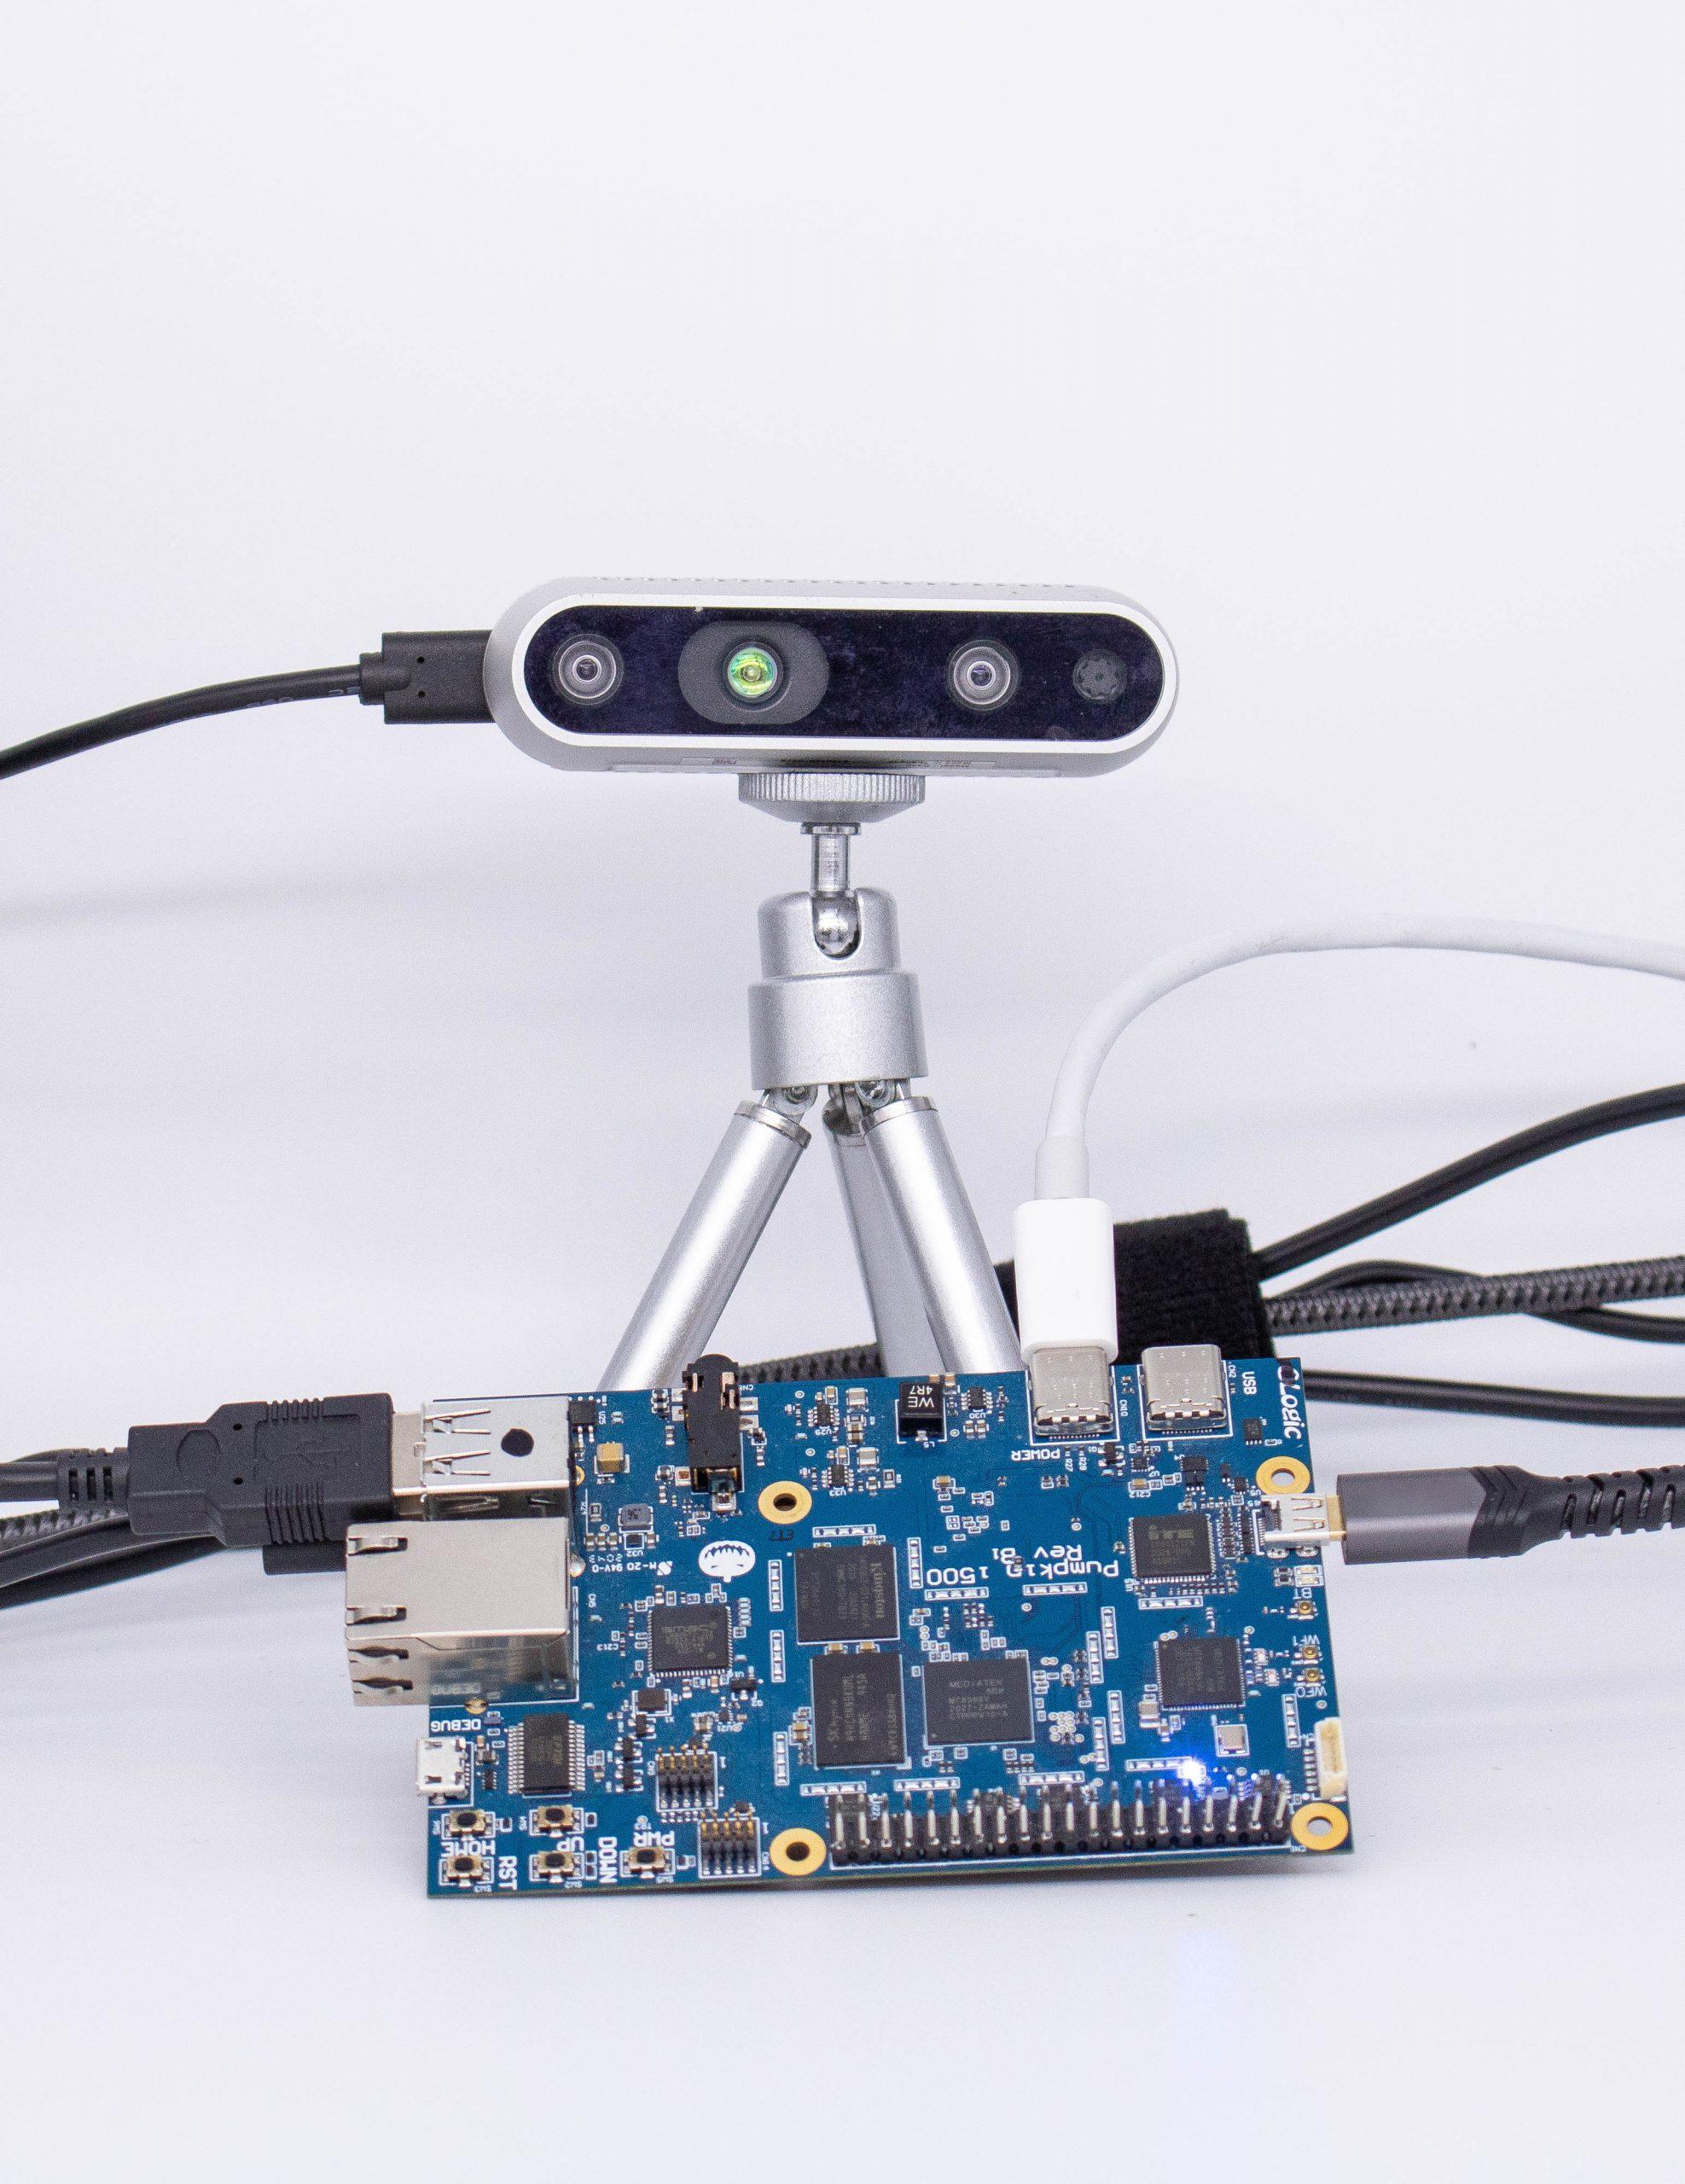 Intel RealSense Depth Camera D435 and Pumpkin i500